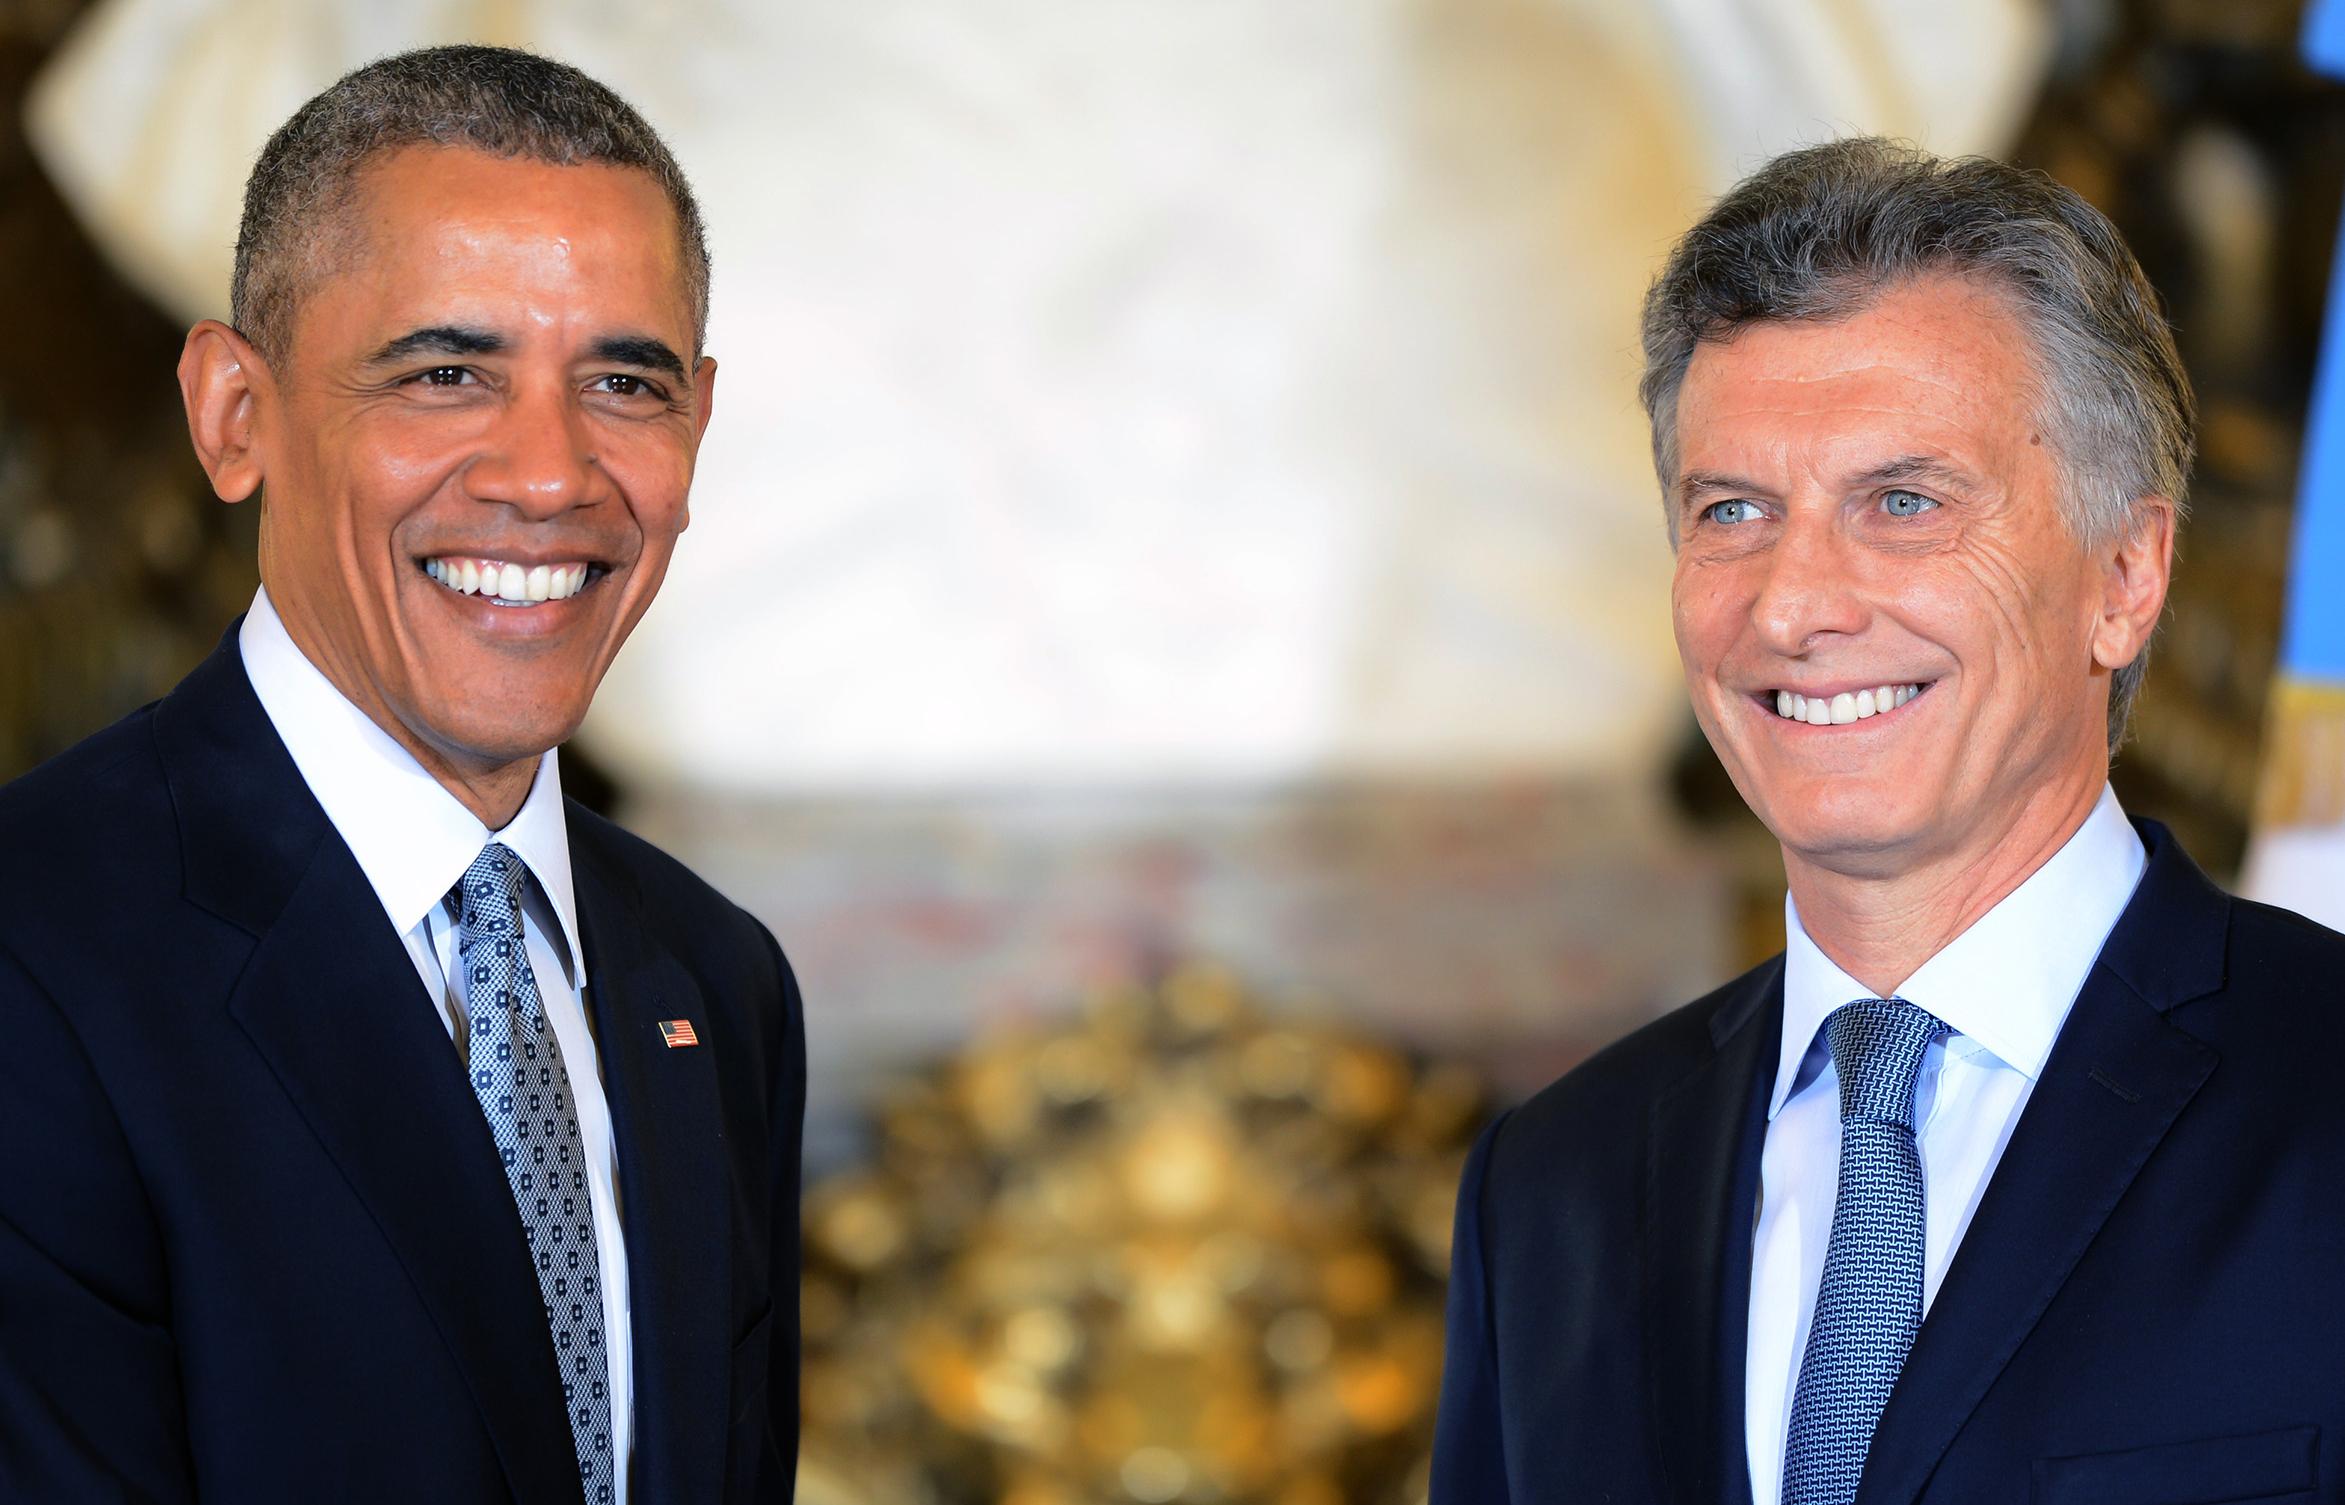 Sconfitto in Argentina il presidente liberista Macri